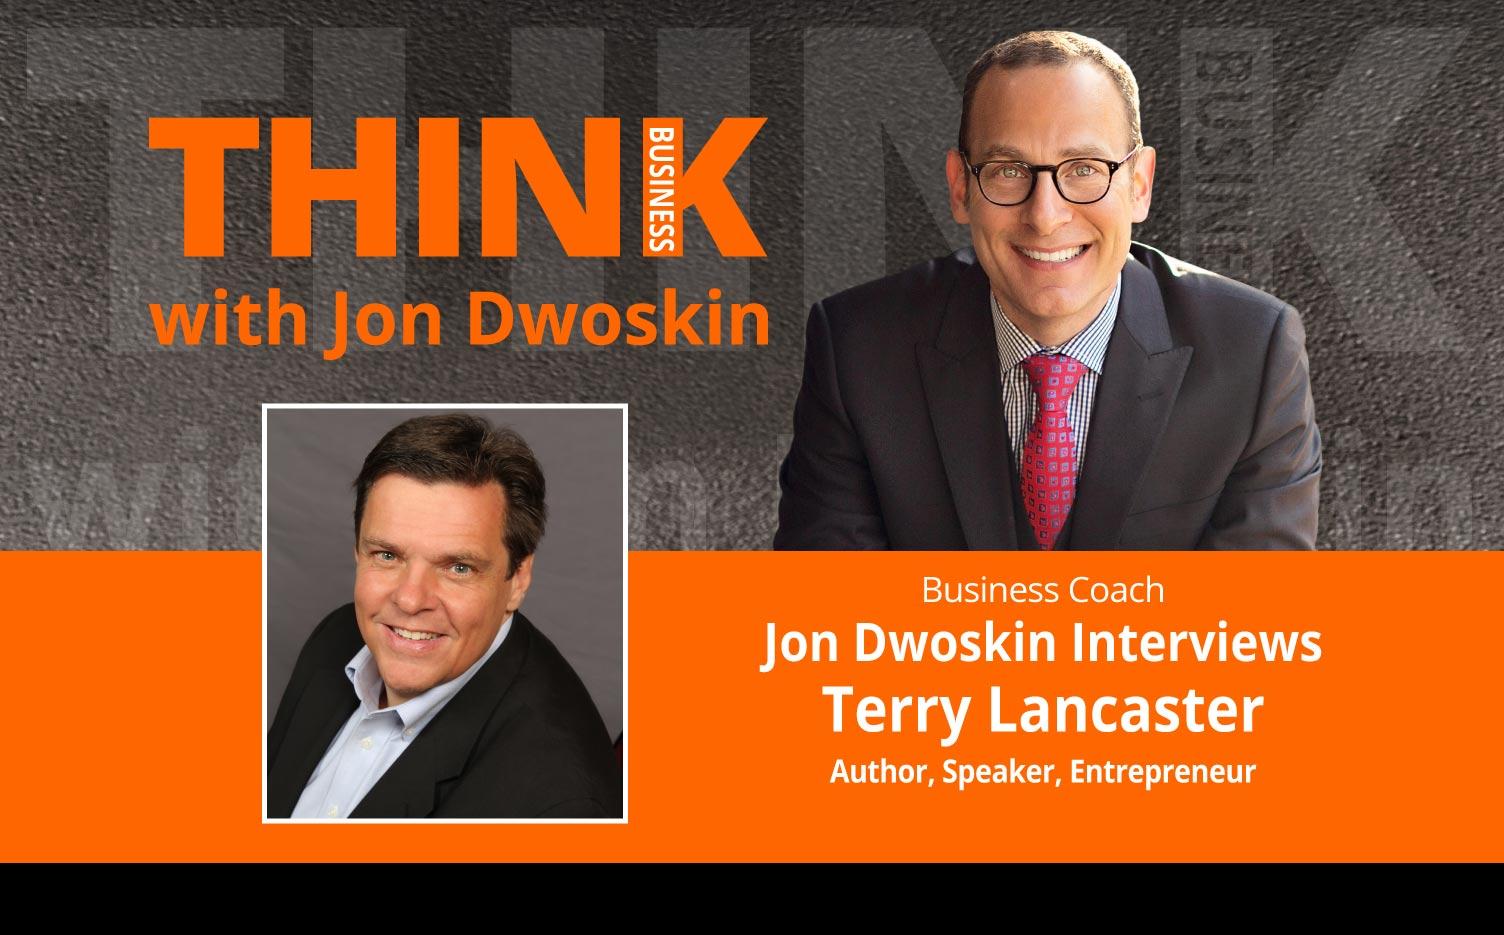 THINK Business Podcast: Jon Dwoskin Interviews Terry Lancaster Author, Speaker, Entrepreneur